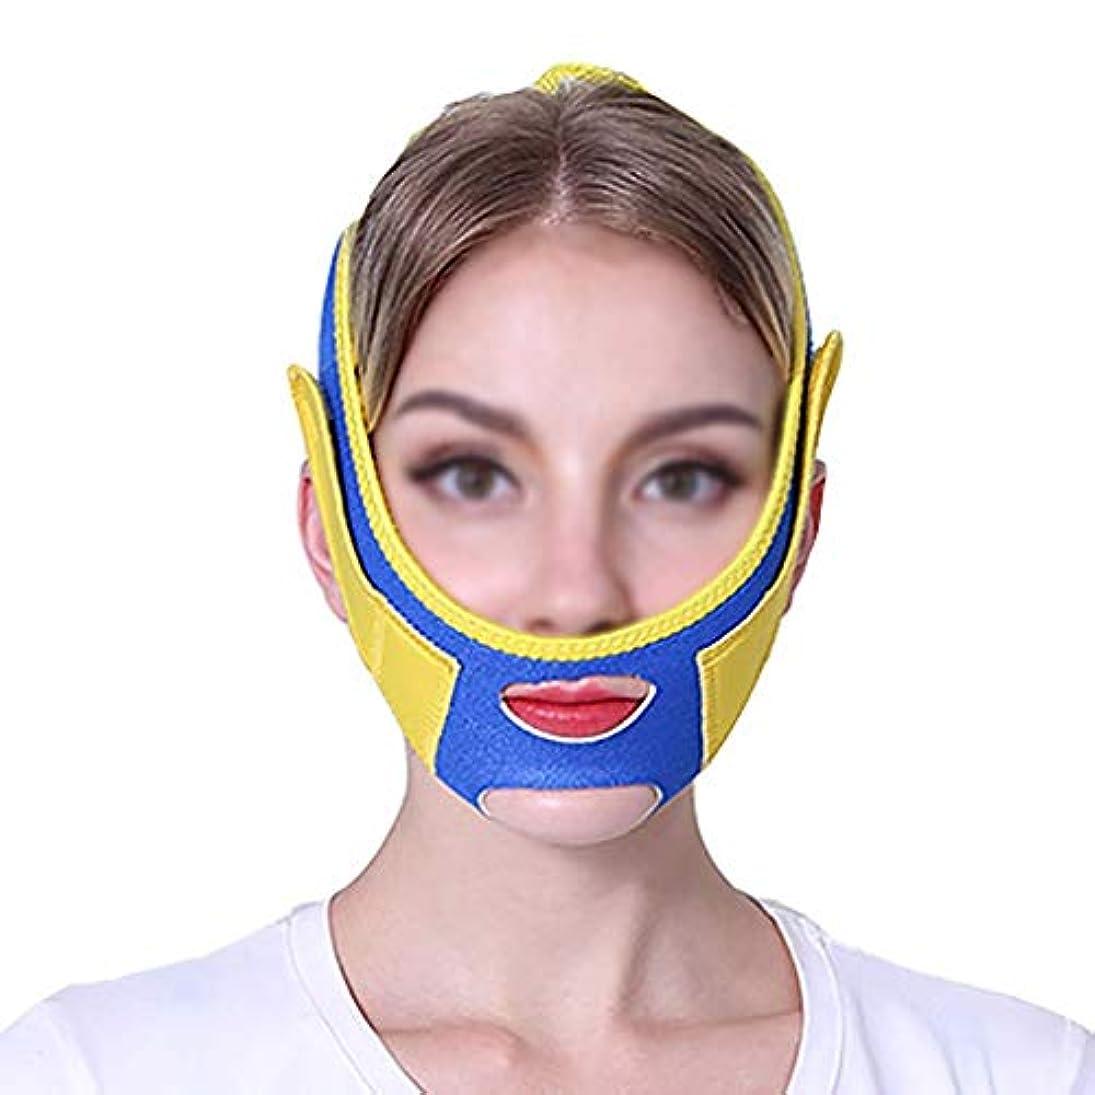 通り抜ける落胆する発疹ファーミングフェイスマスク、スモールVフェイスアーティファクトリフティングマスクフェイスリフティングフェイスメロンフェイスリフティングフェイスマスクファーミングクリームフェイスリフティング包帯